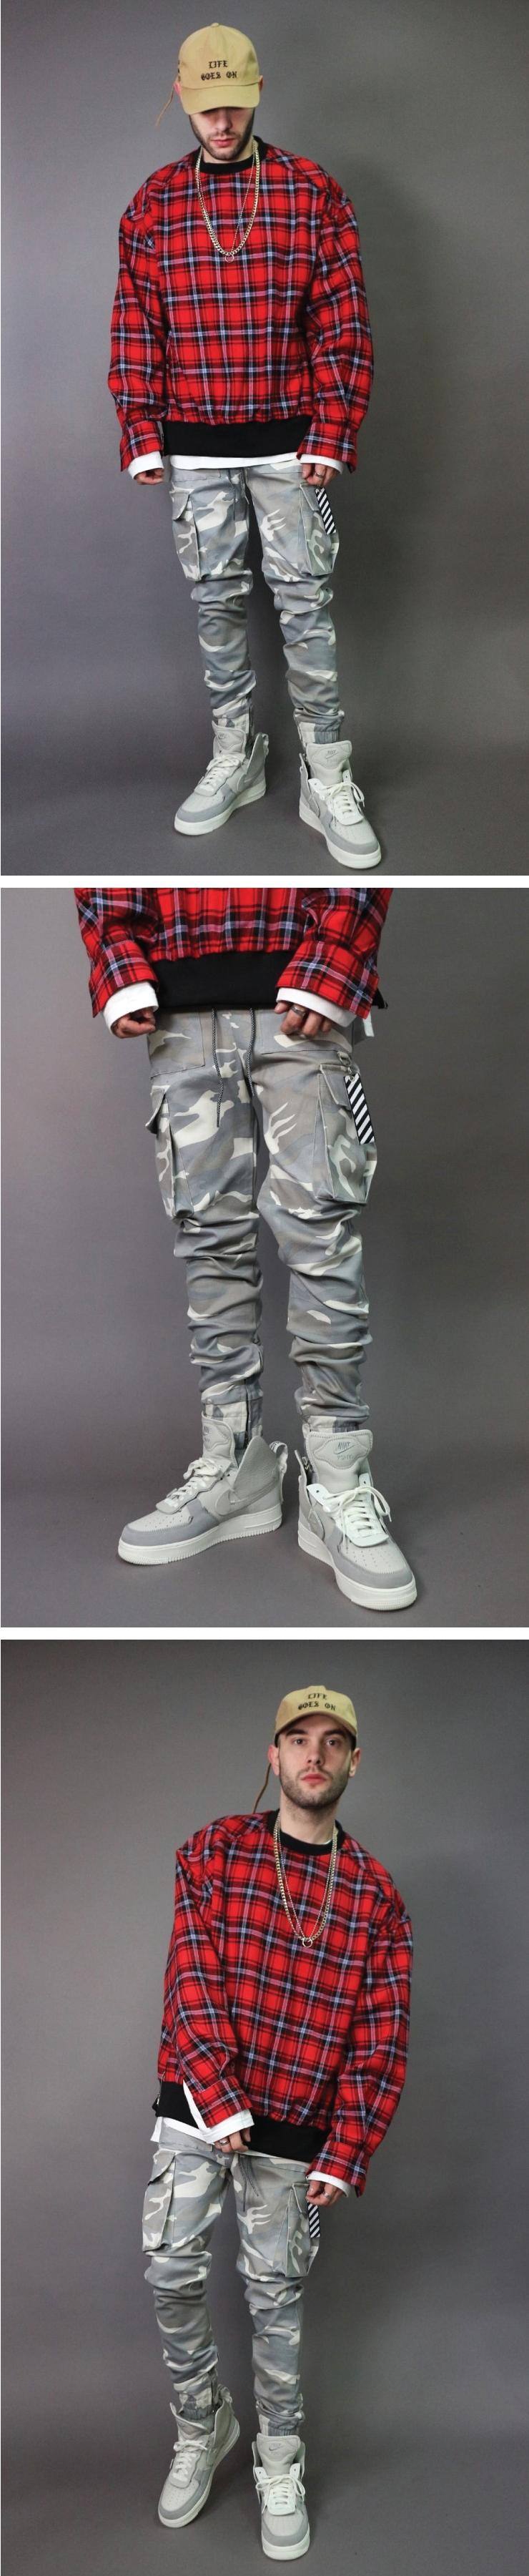 라울(LAUL) COMFORTABLE CARGO JOGGER CAMO PANTS SNOW CAMO 컴포터블 카고 조거팬츠 스노우카모